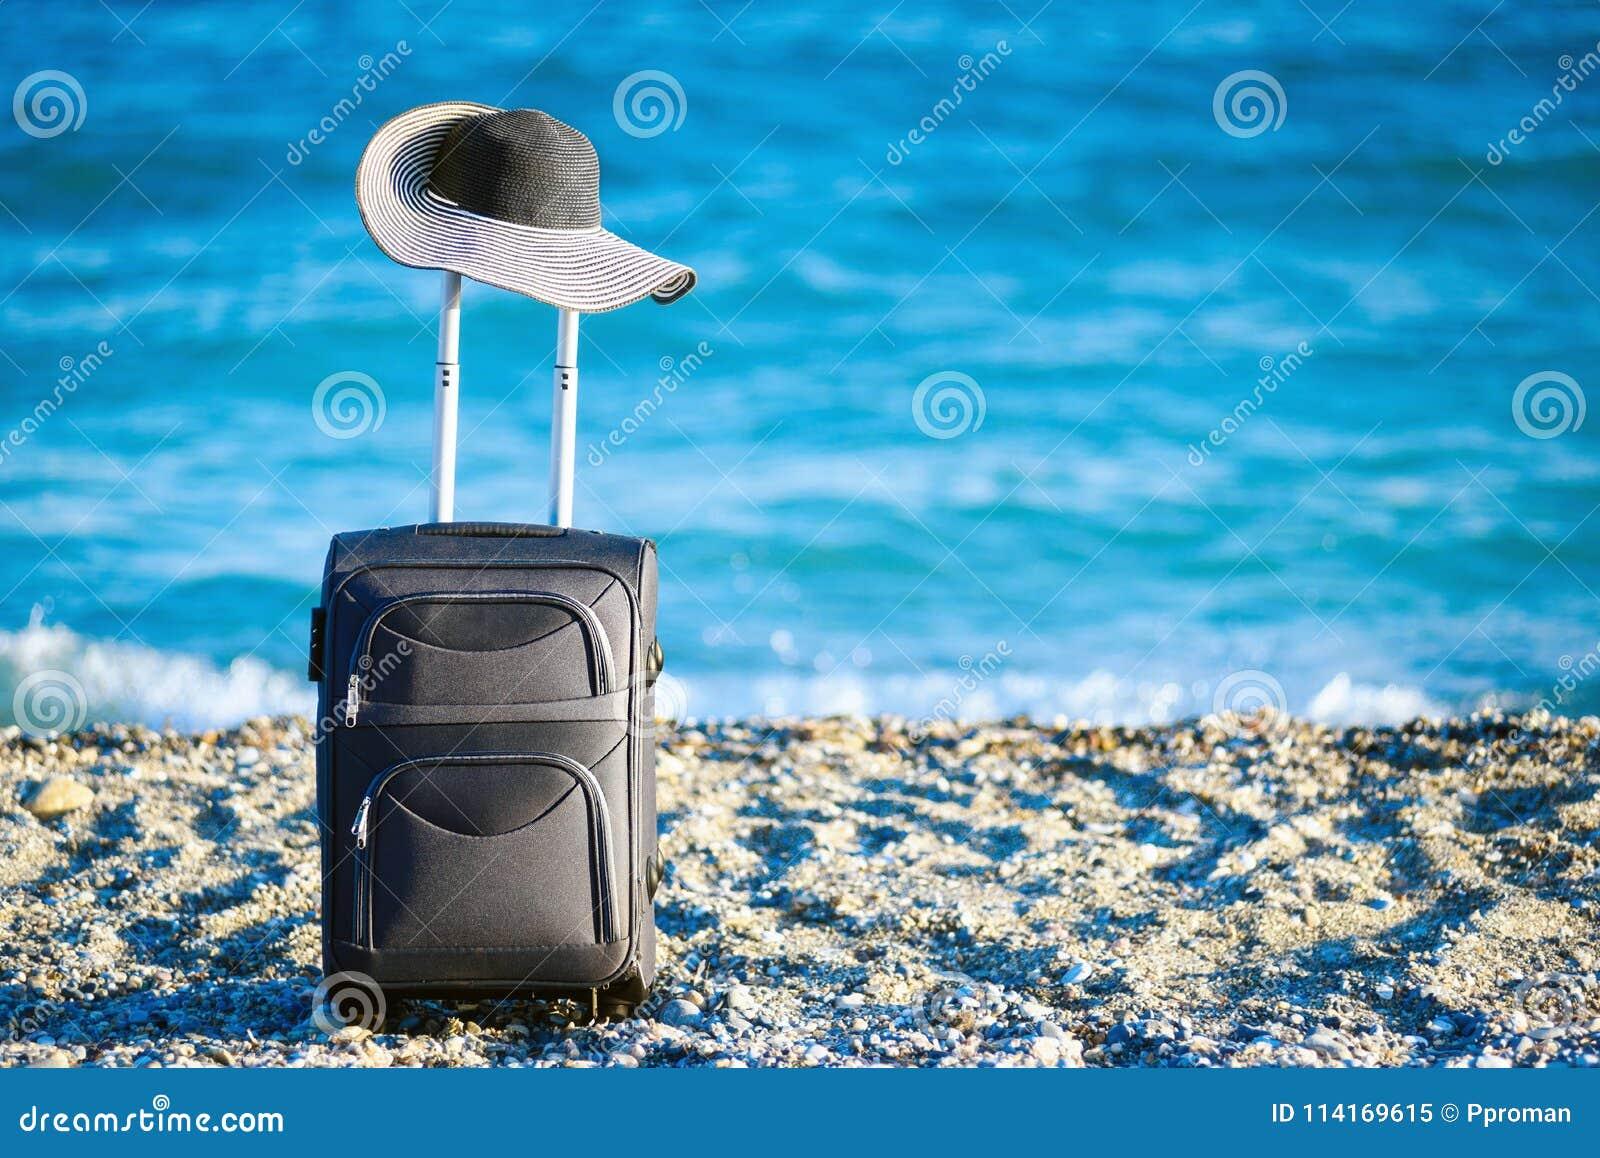 Чемодан и шляпа на пляже